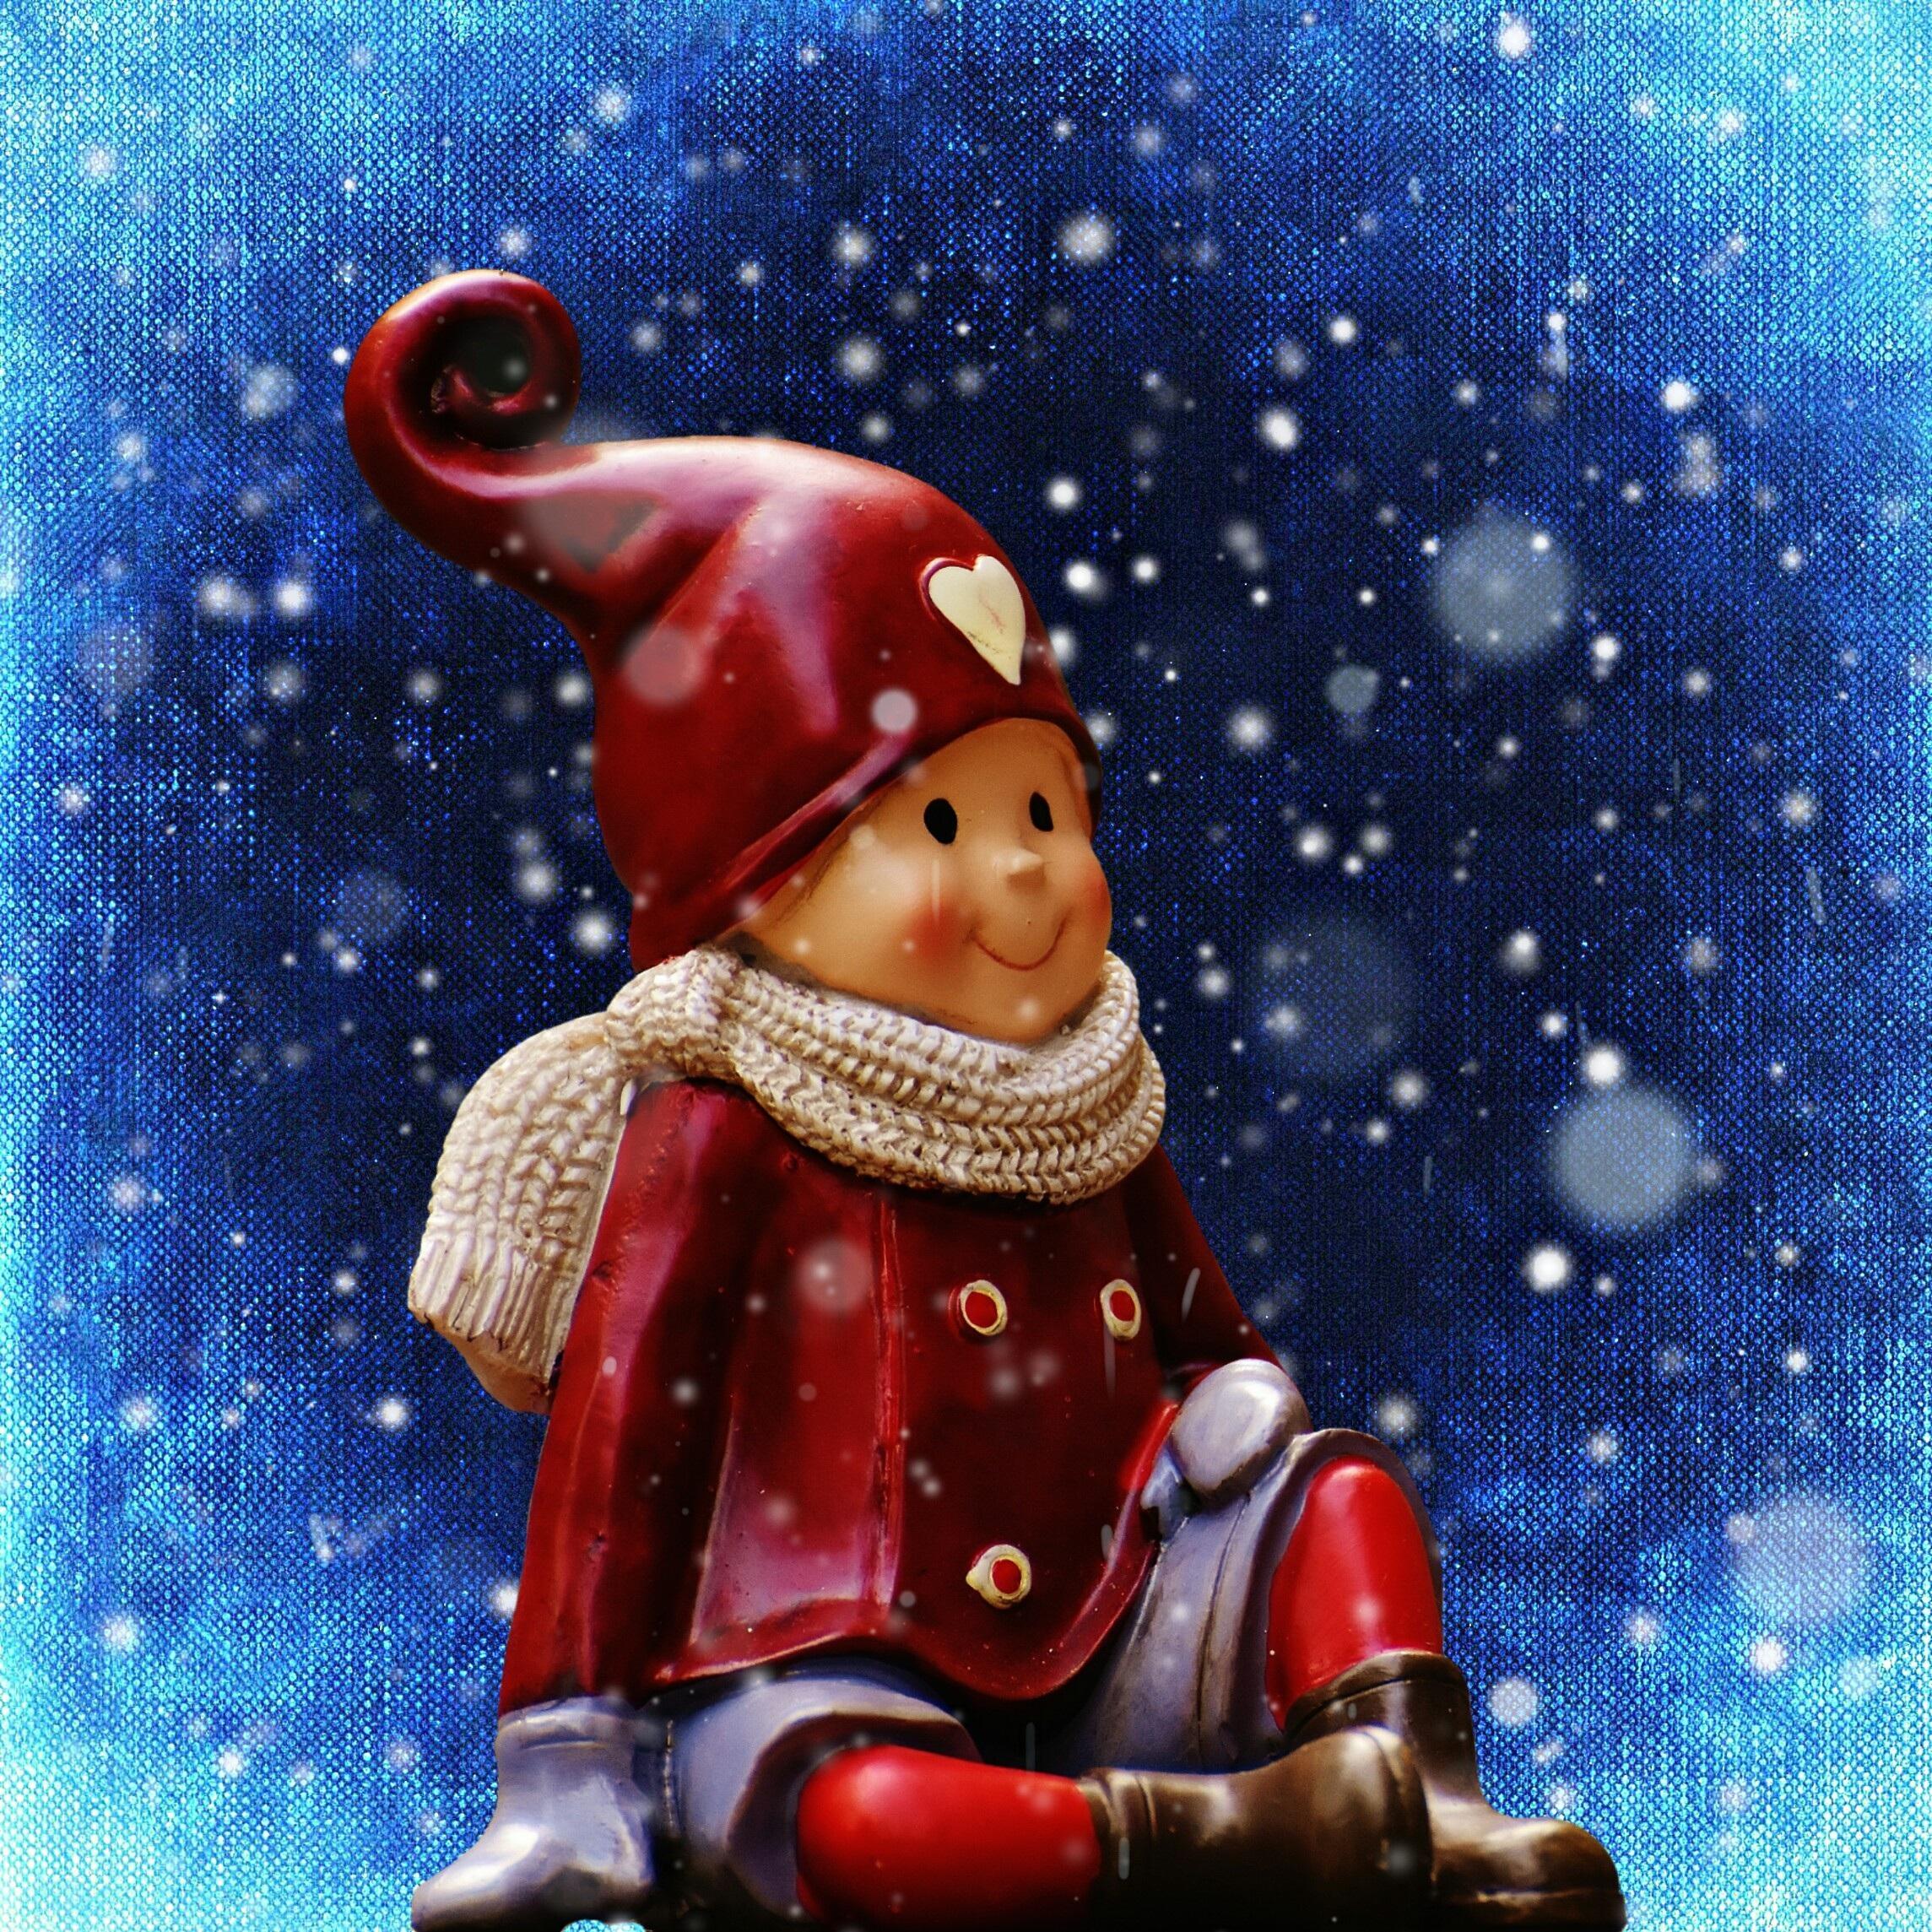 Images gratuites hiver c ur d co av nement - Image de noel gratuite ...